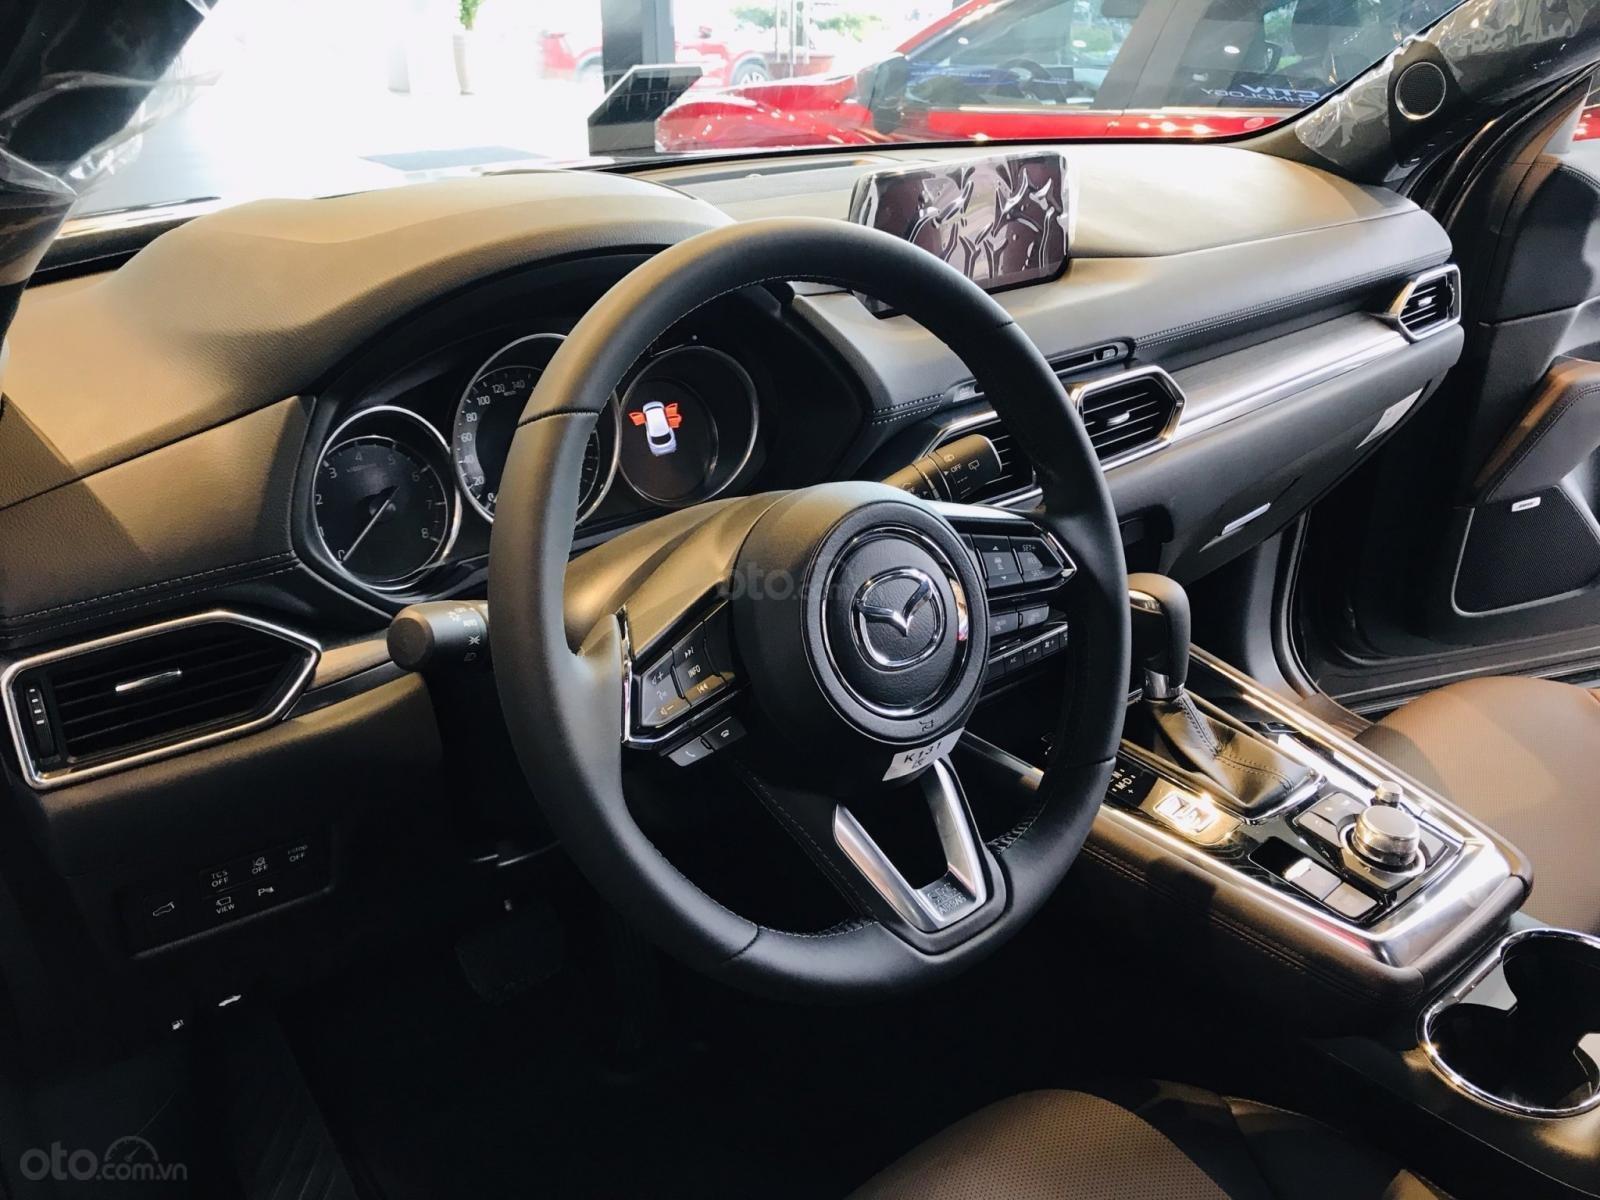 Mazda CX8 2.5 Luxury 2019 ưu đãi giá bán 40 triệu đồng (13)